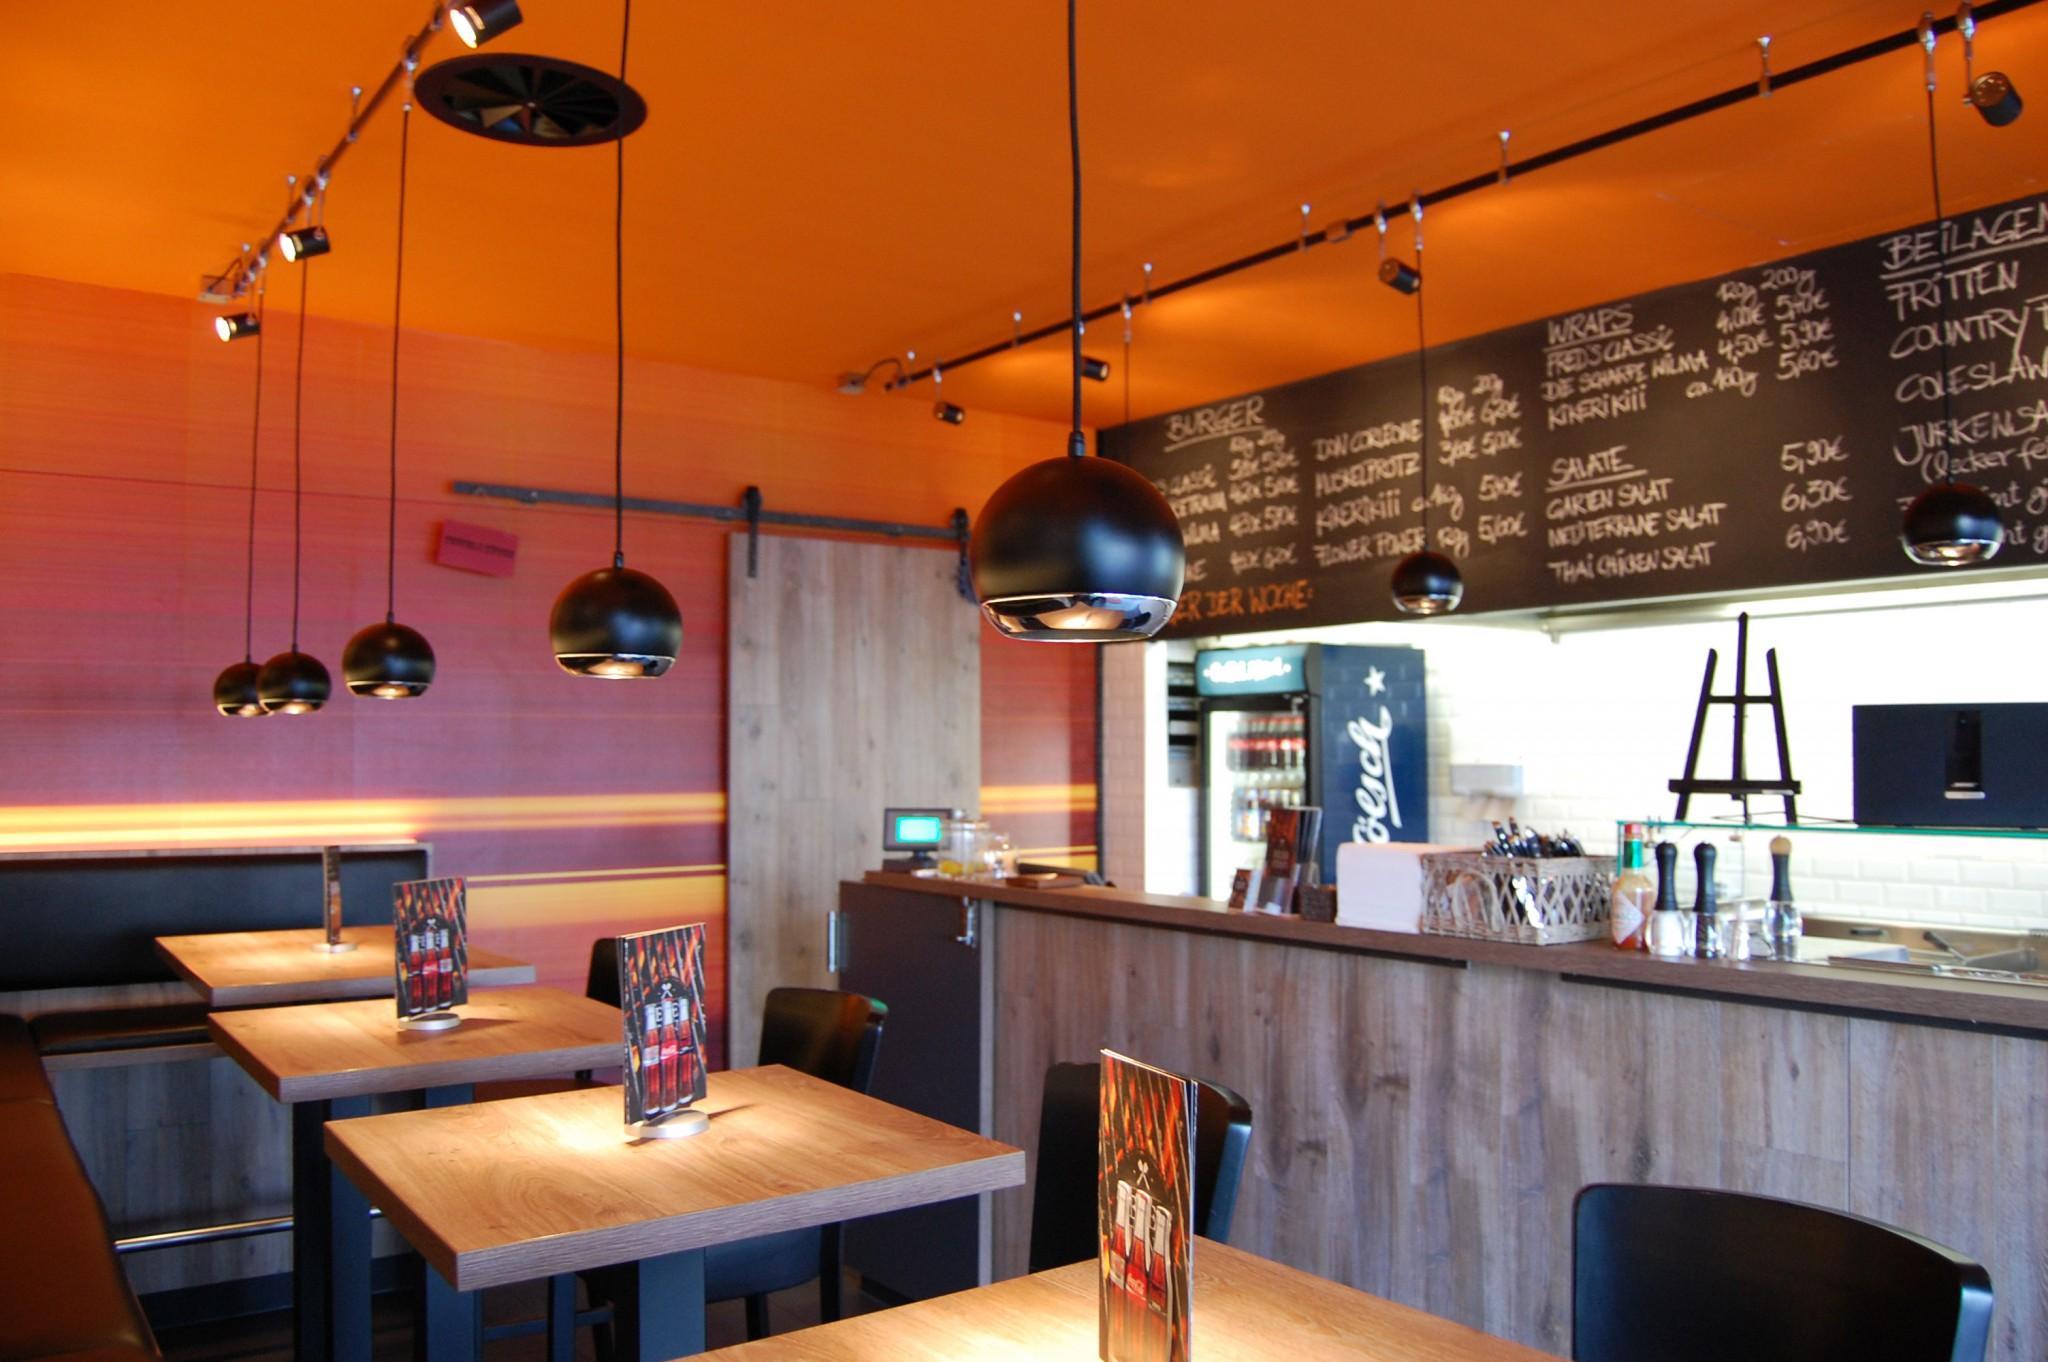 Feuersteins Burger Restaurant Design Stil Manipulation 2014